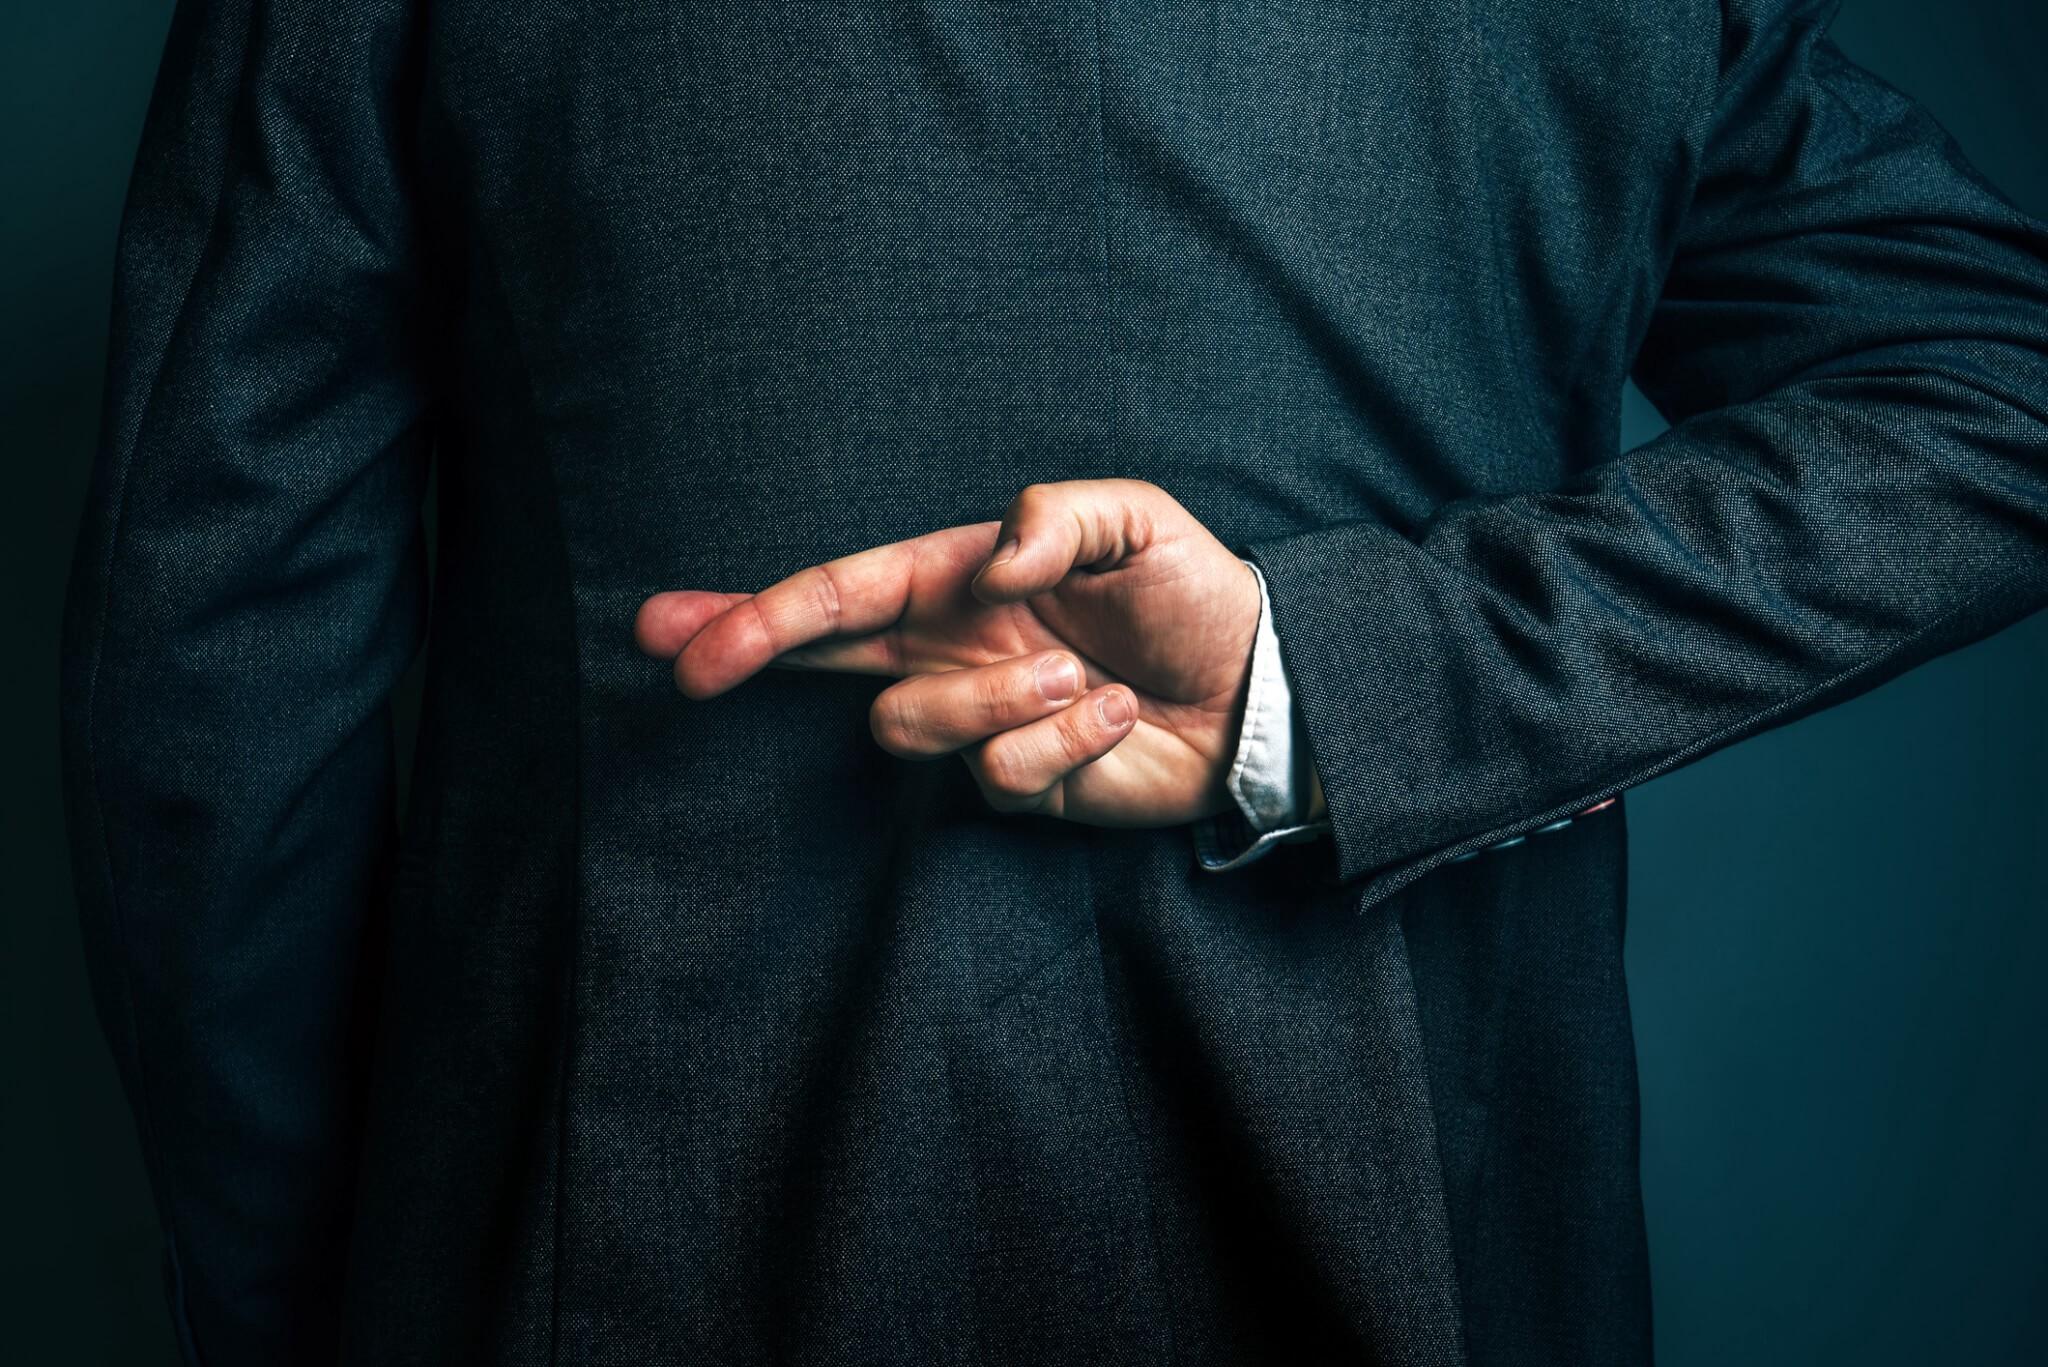 لماذا يكذب بعض الناس أكثر من اللازم؟ - الحوارات الاجتماعية عديمة الفائدة - نقص في تقدير الذات - ارتباط عدد الكذبات التي يرويها المرء بموقفه من عدم الأمانة